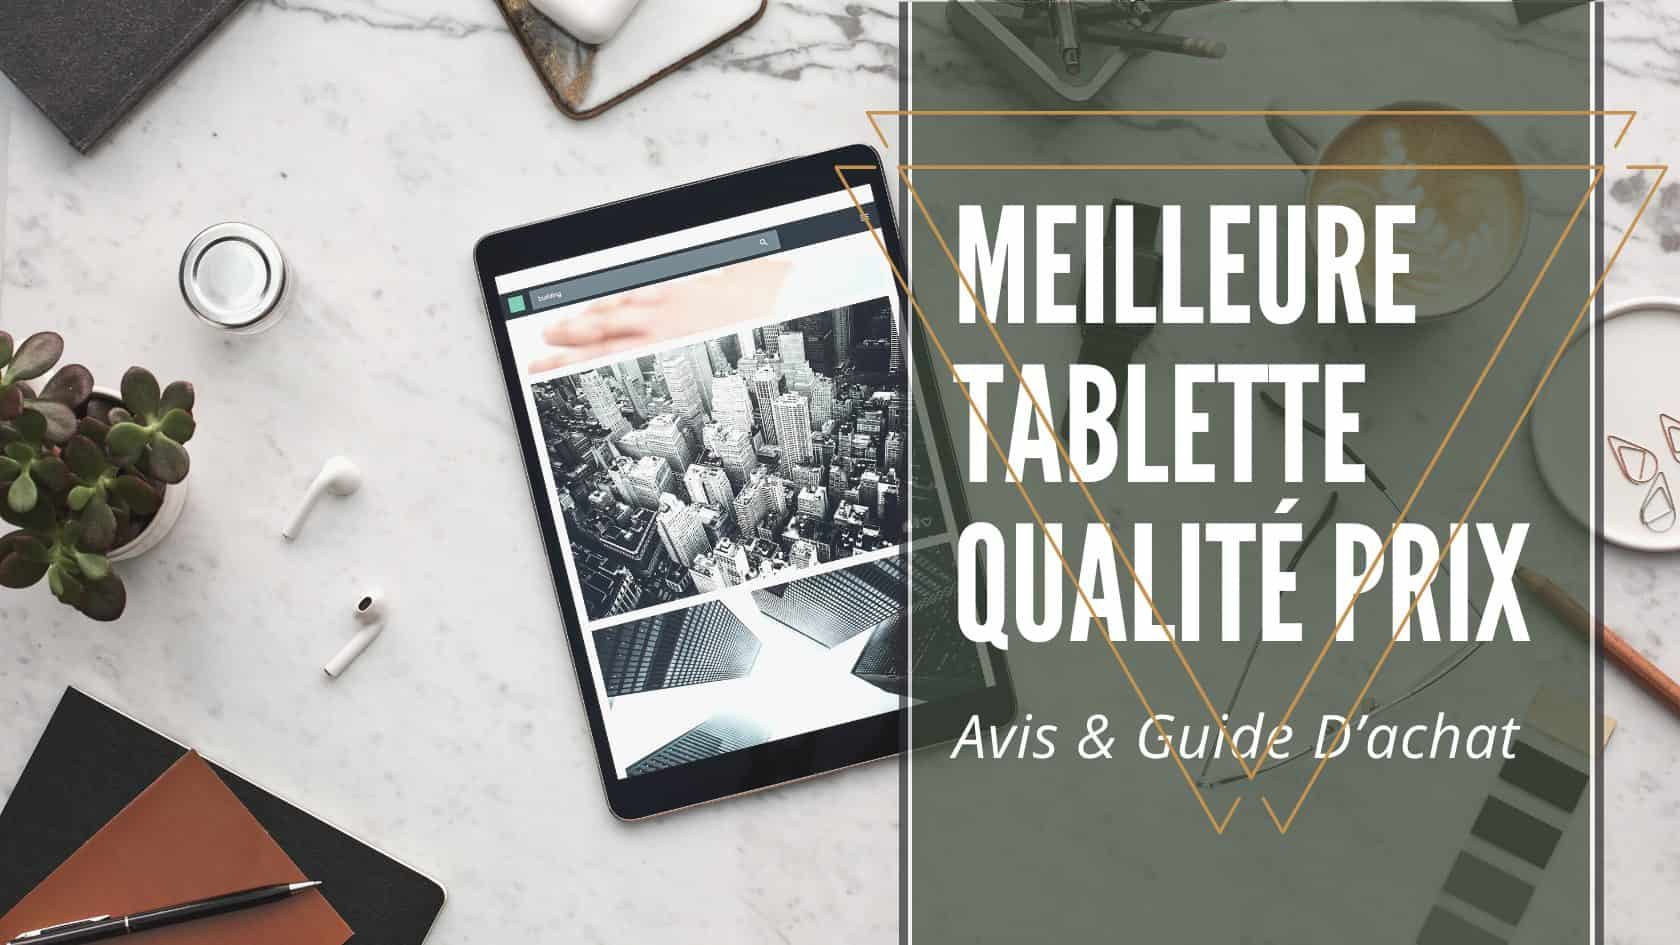 meilleure tablette qualité prix